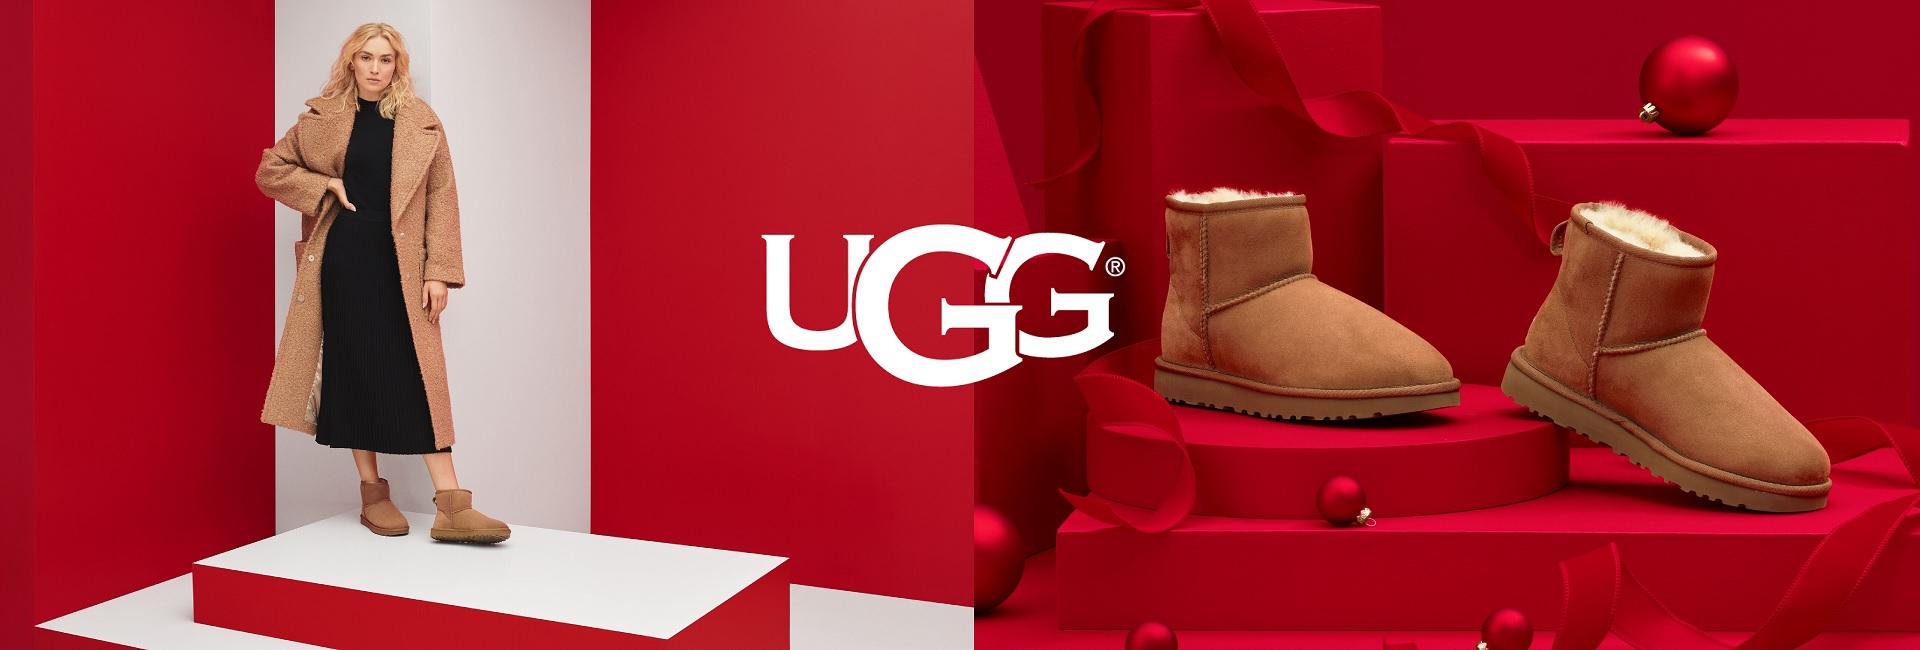 UGG Kinderschuhe online entdecken im Juppen Schuhe Shop